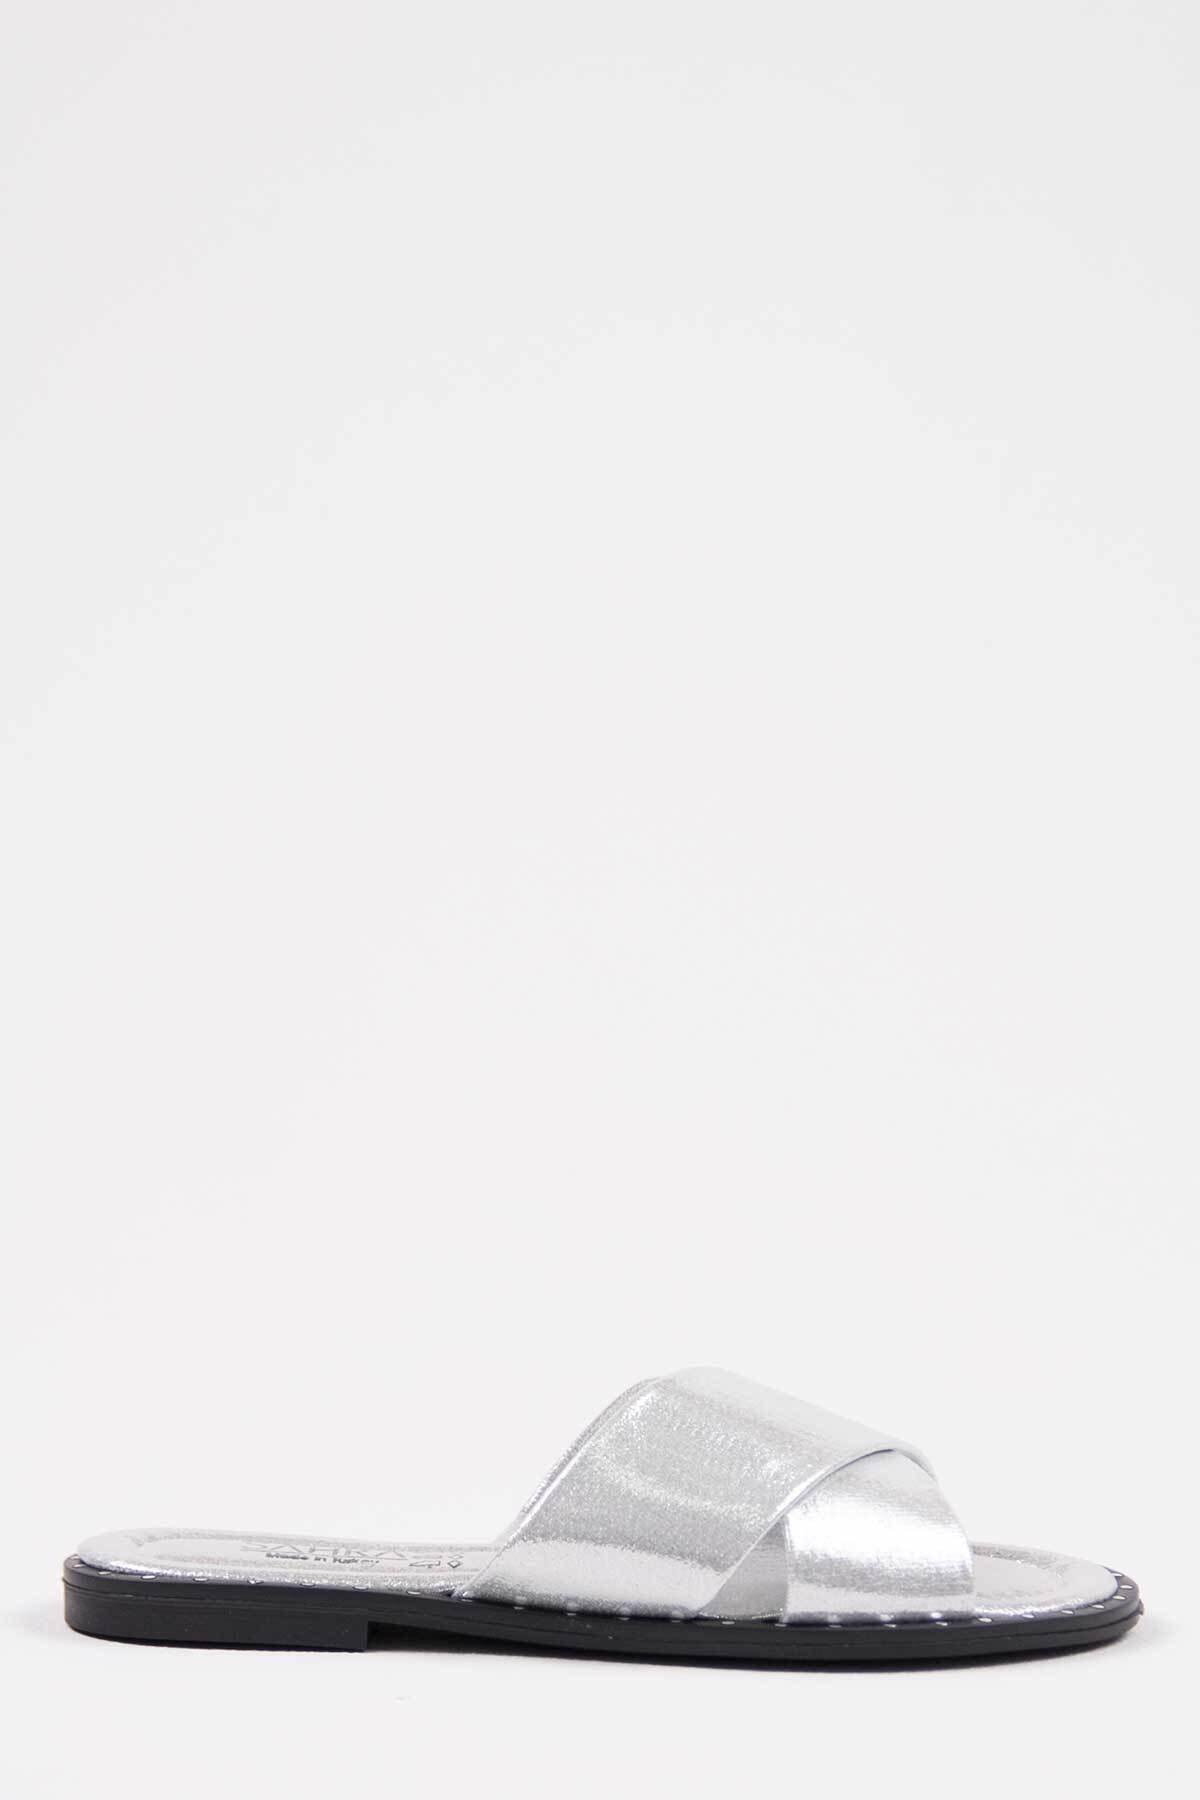 Oioi Gümüş Kadın Terlik 1002-122-0002_1011 1